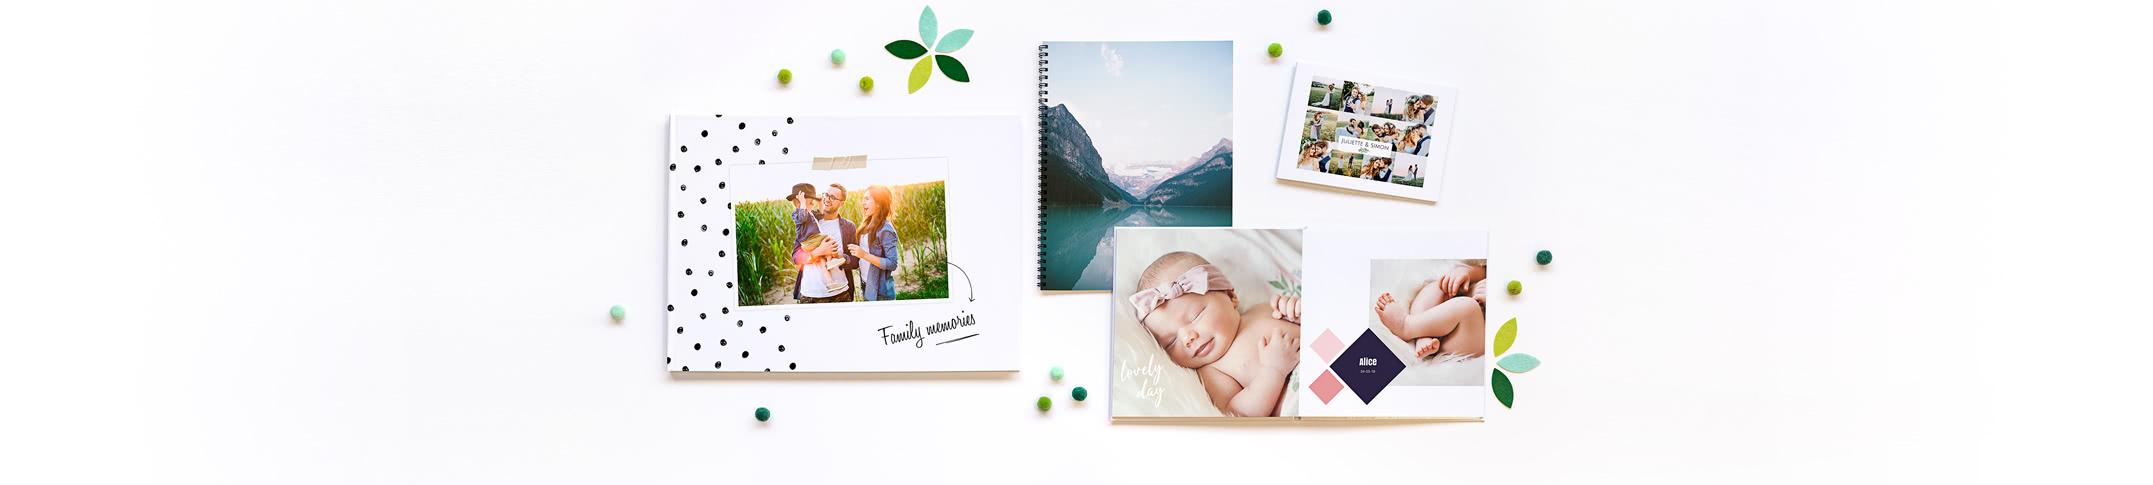 Luo Kuvakirjasi arjen tai erityisten hetkien kuvista - Tallenna muistosi kauniisti ja persoonallisesti!